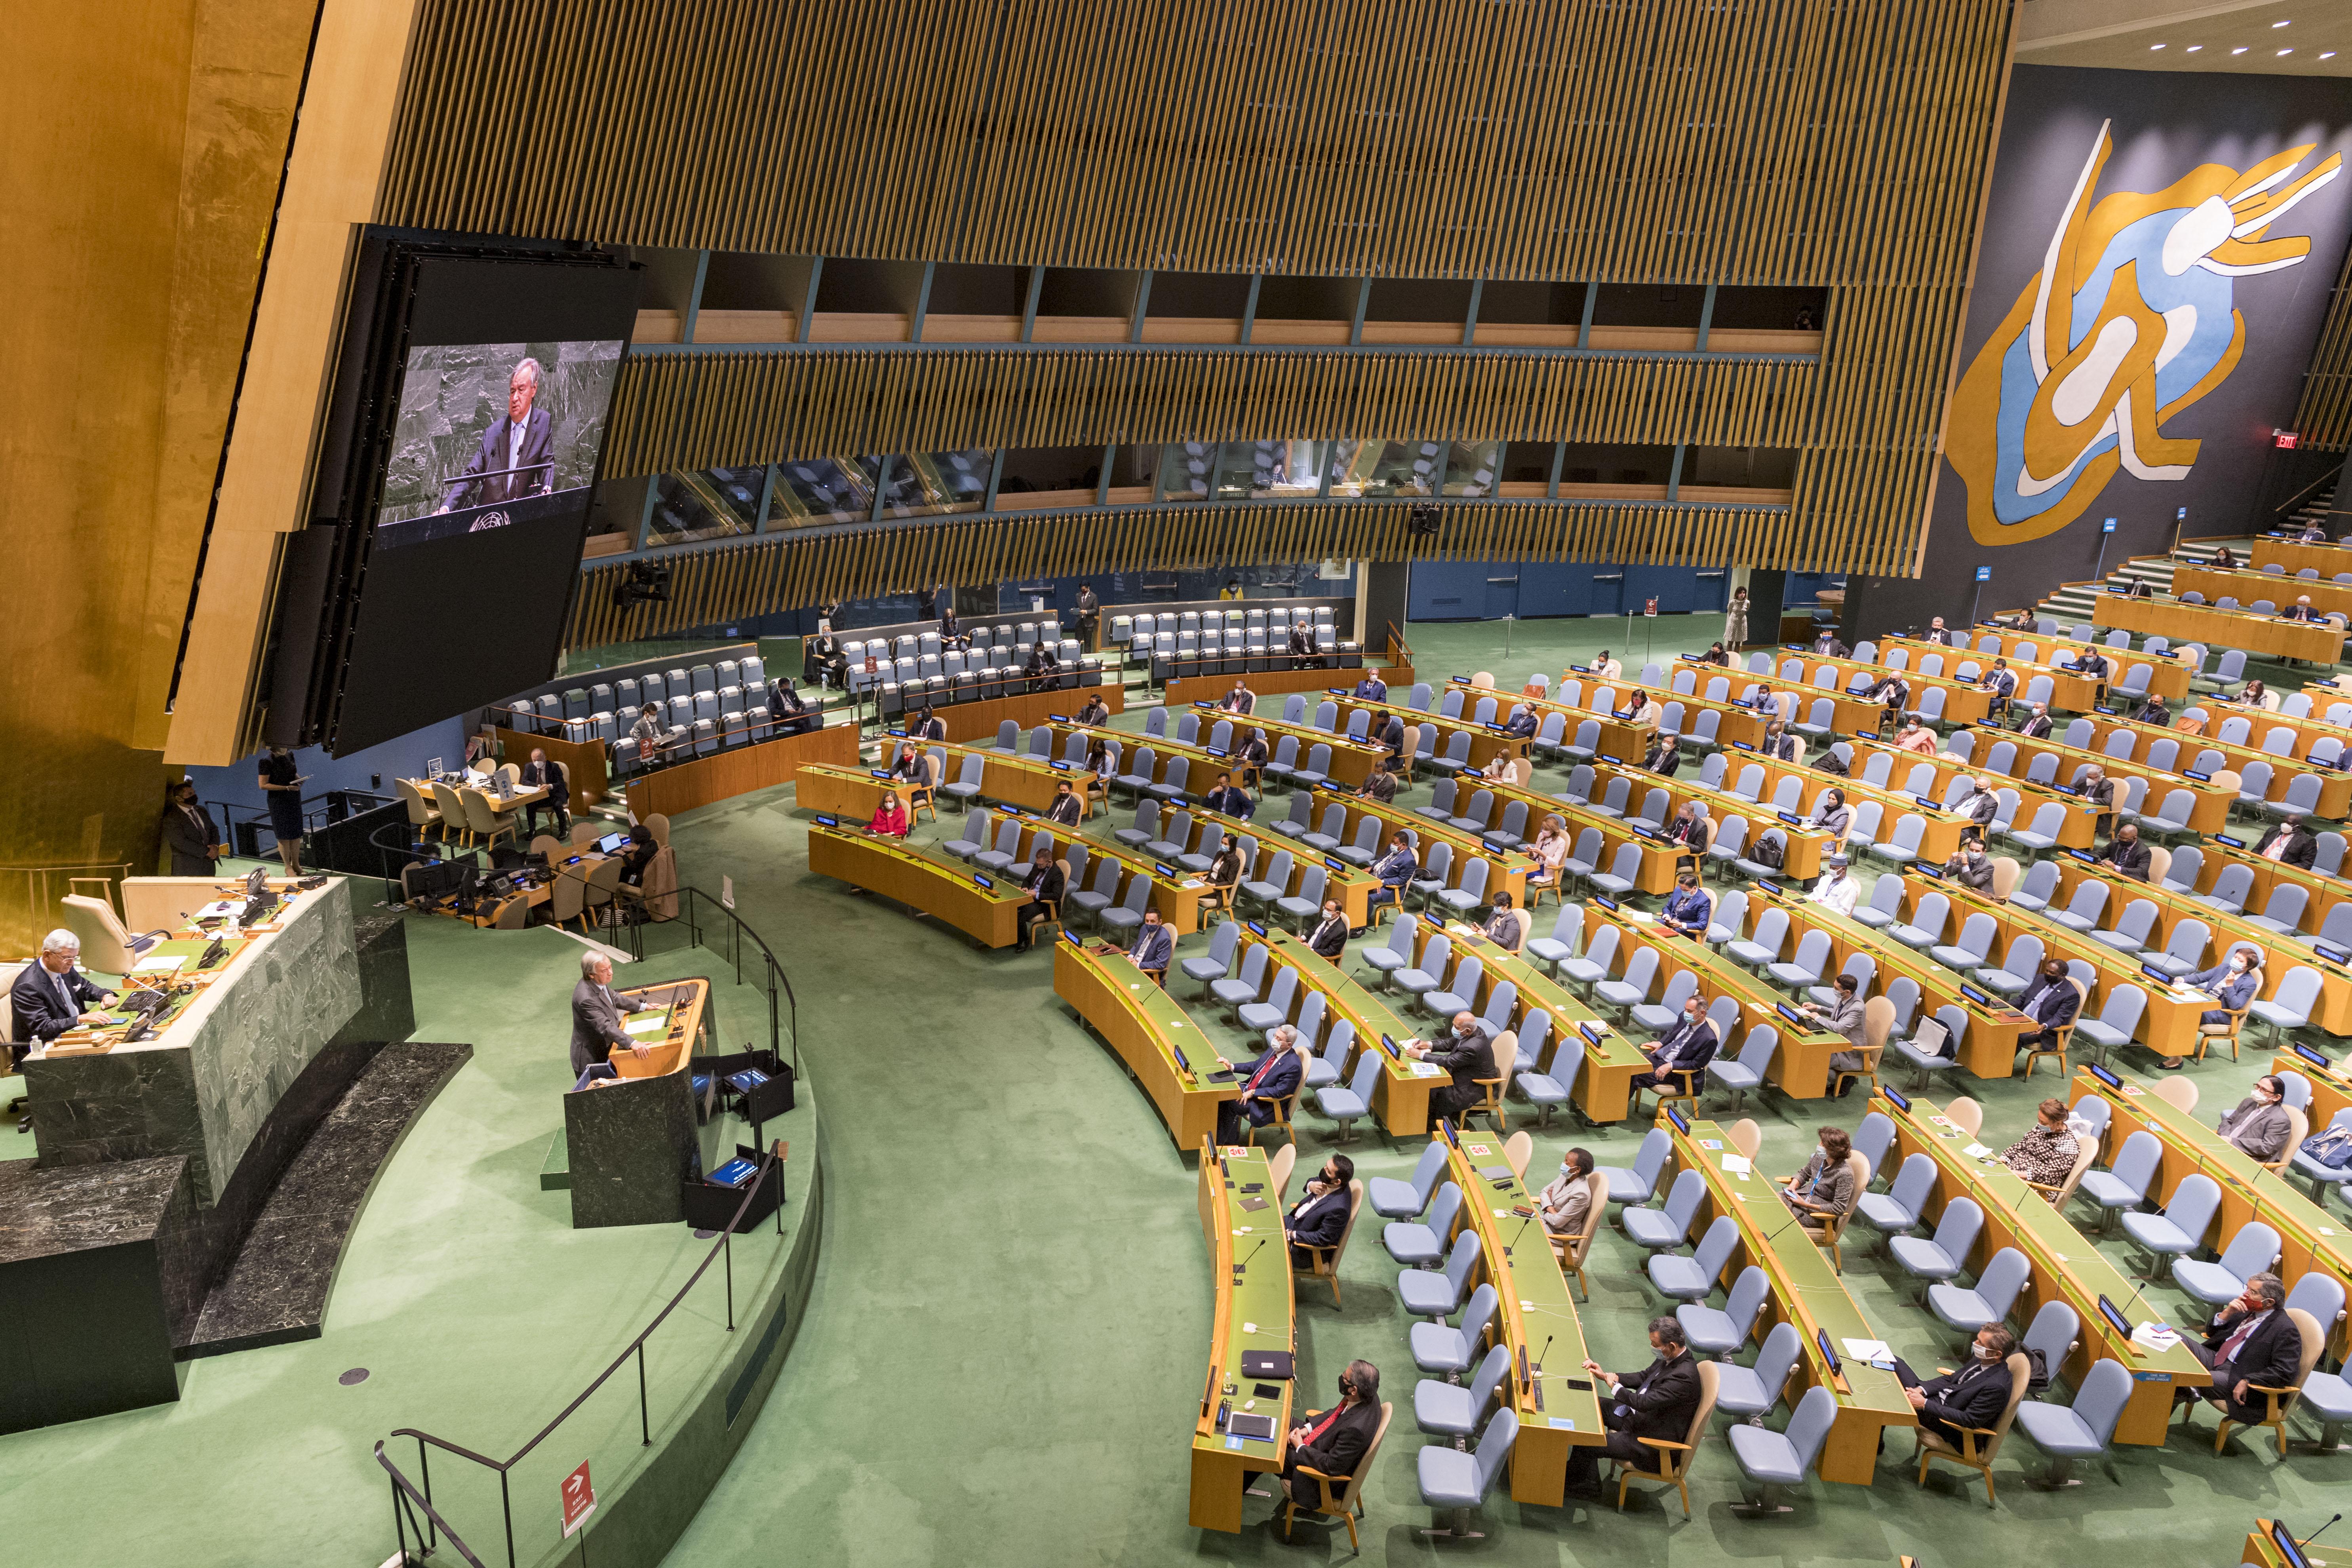 9月22日,在位于纽约的联合国总部,联合国秘书长古特雷斯发表讲话。 新华社 图